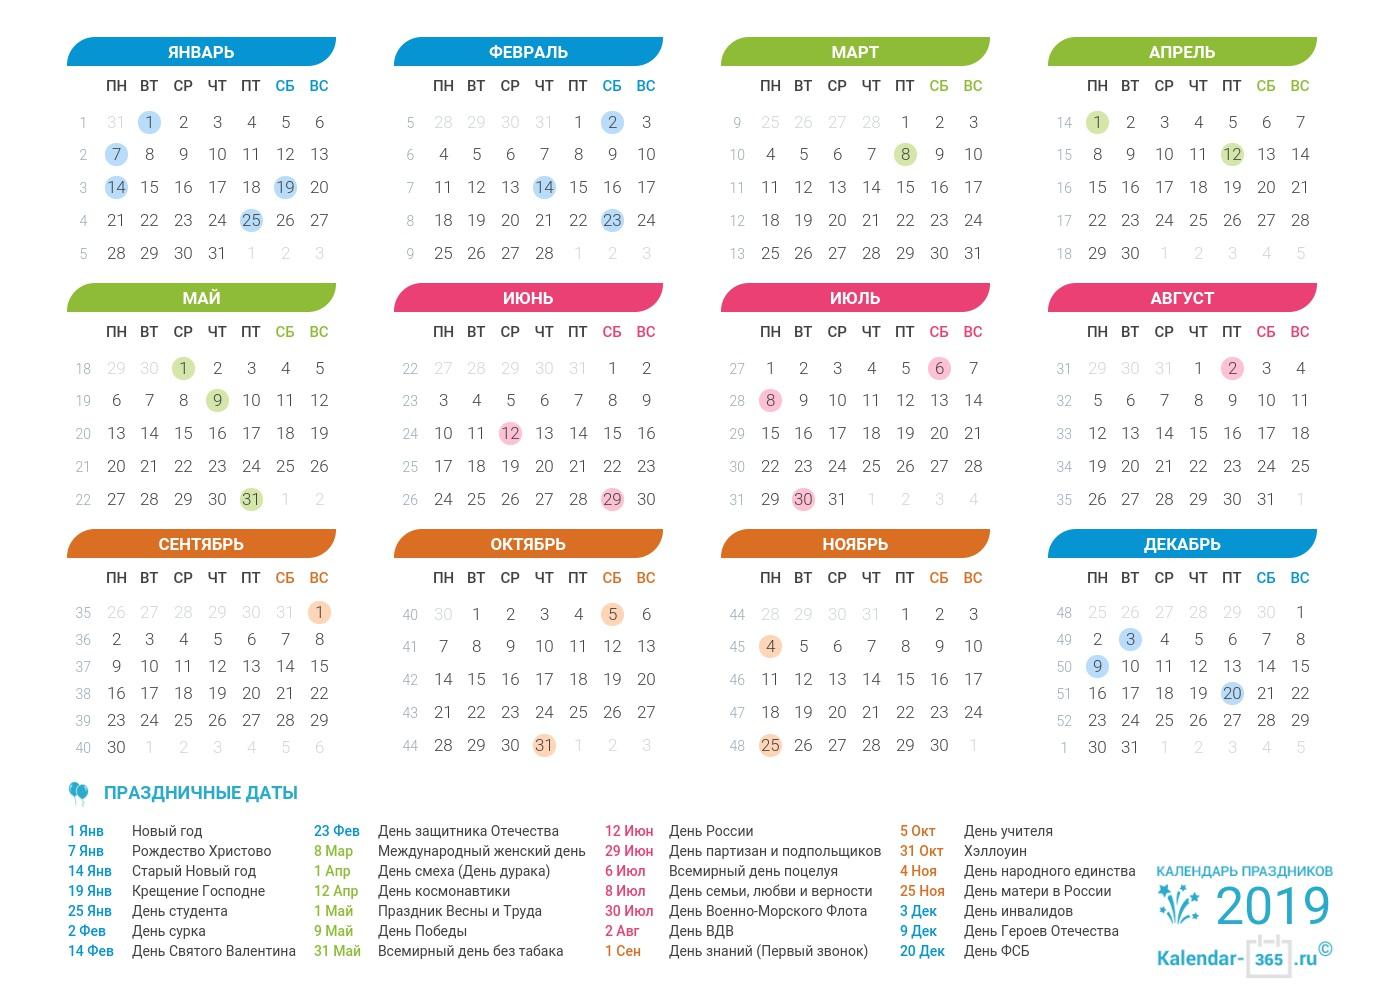 Рождество христово в 2019 году - КалендарьГода рекомендации